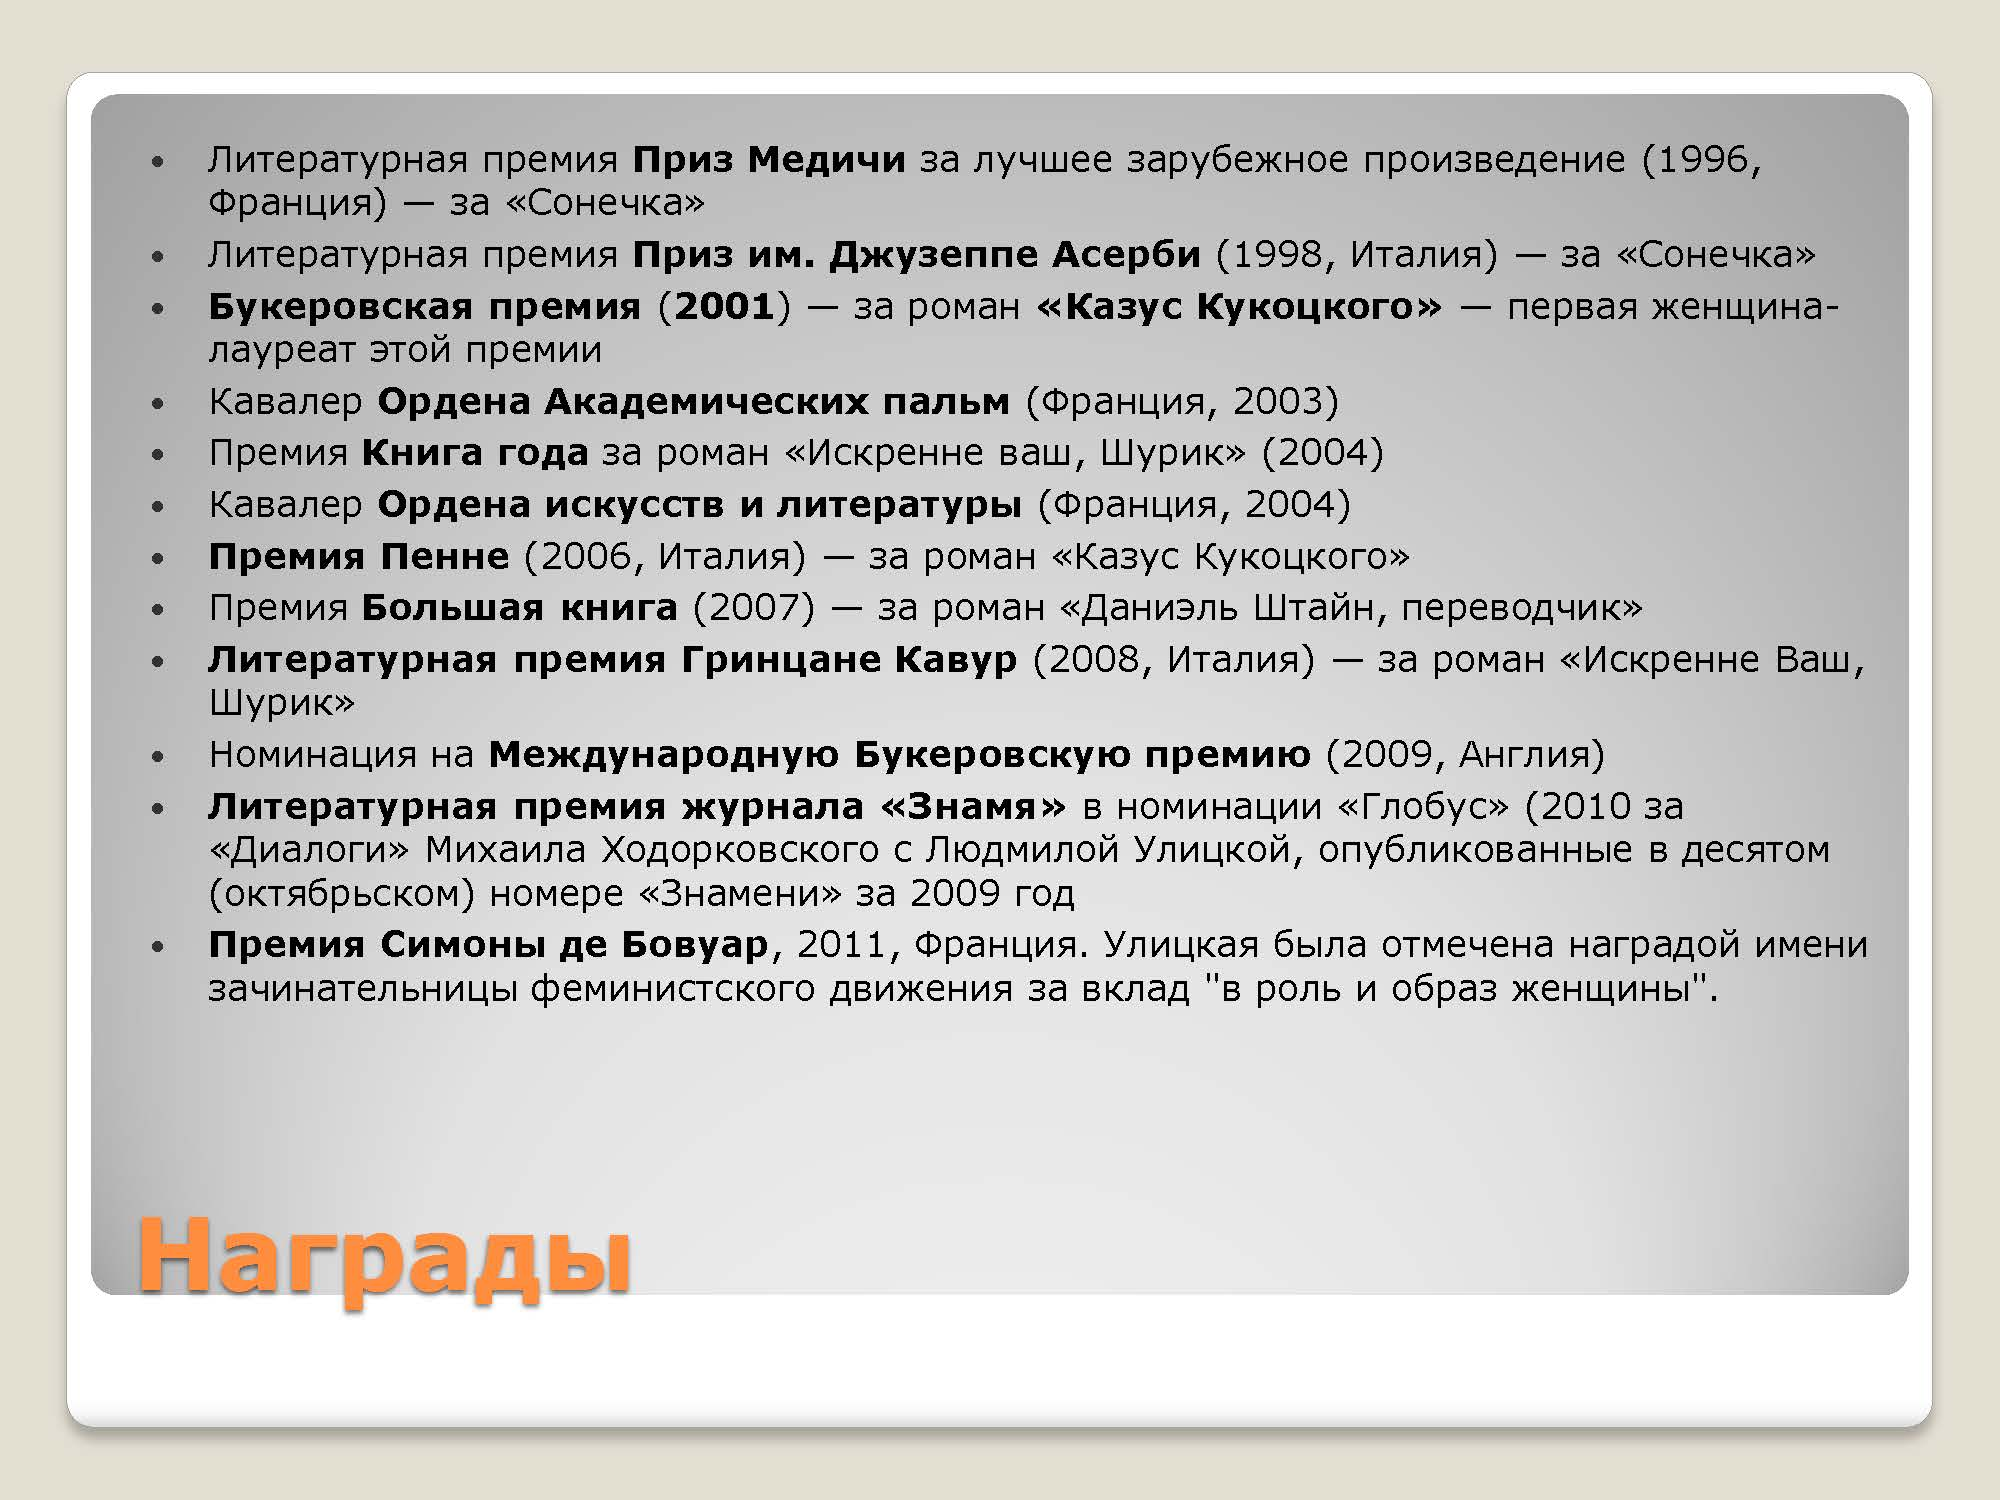 Произведения одного автора (Улицкая)_Страница_04